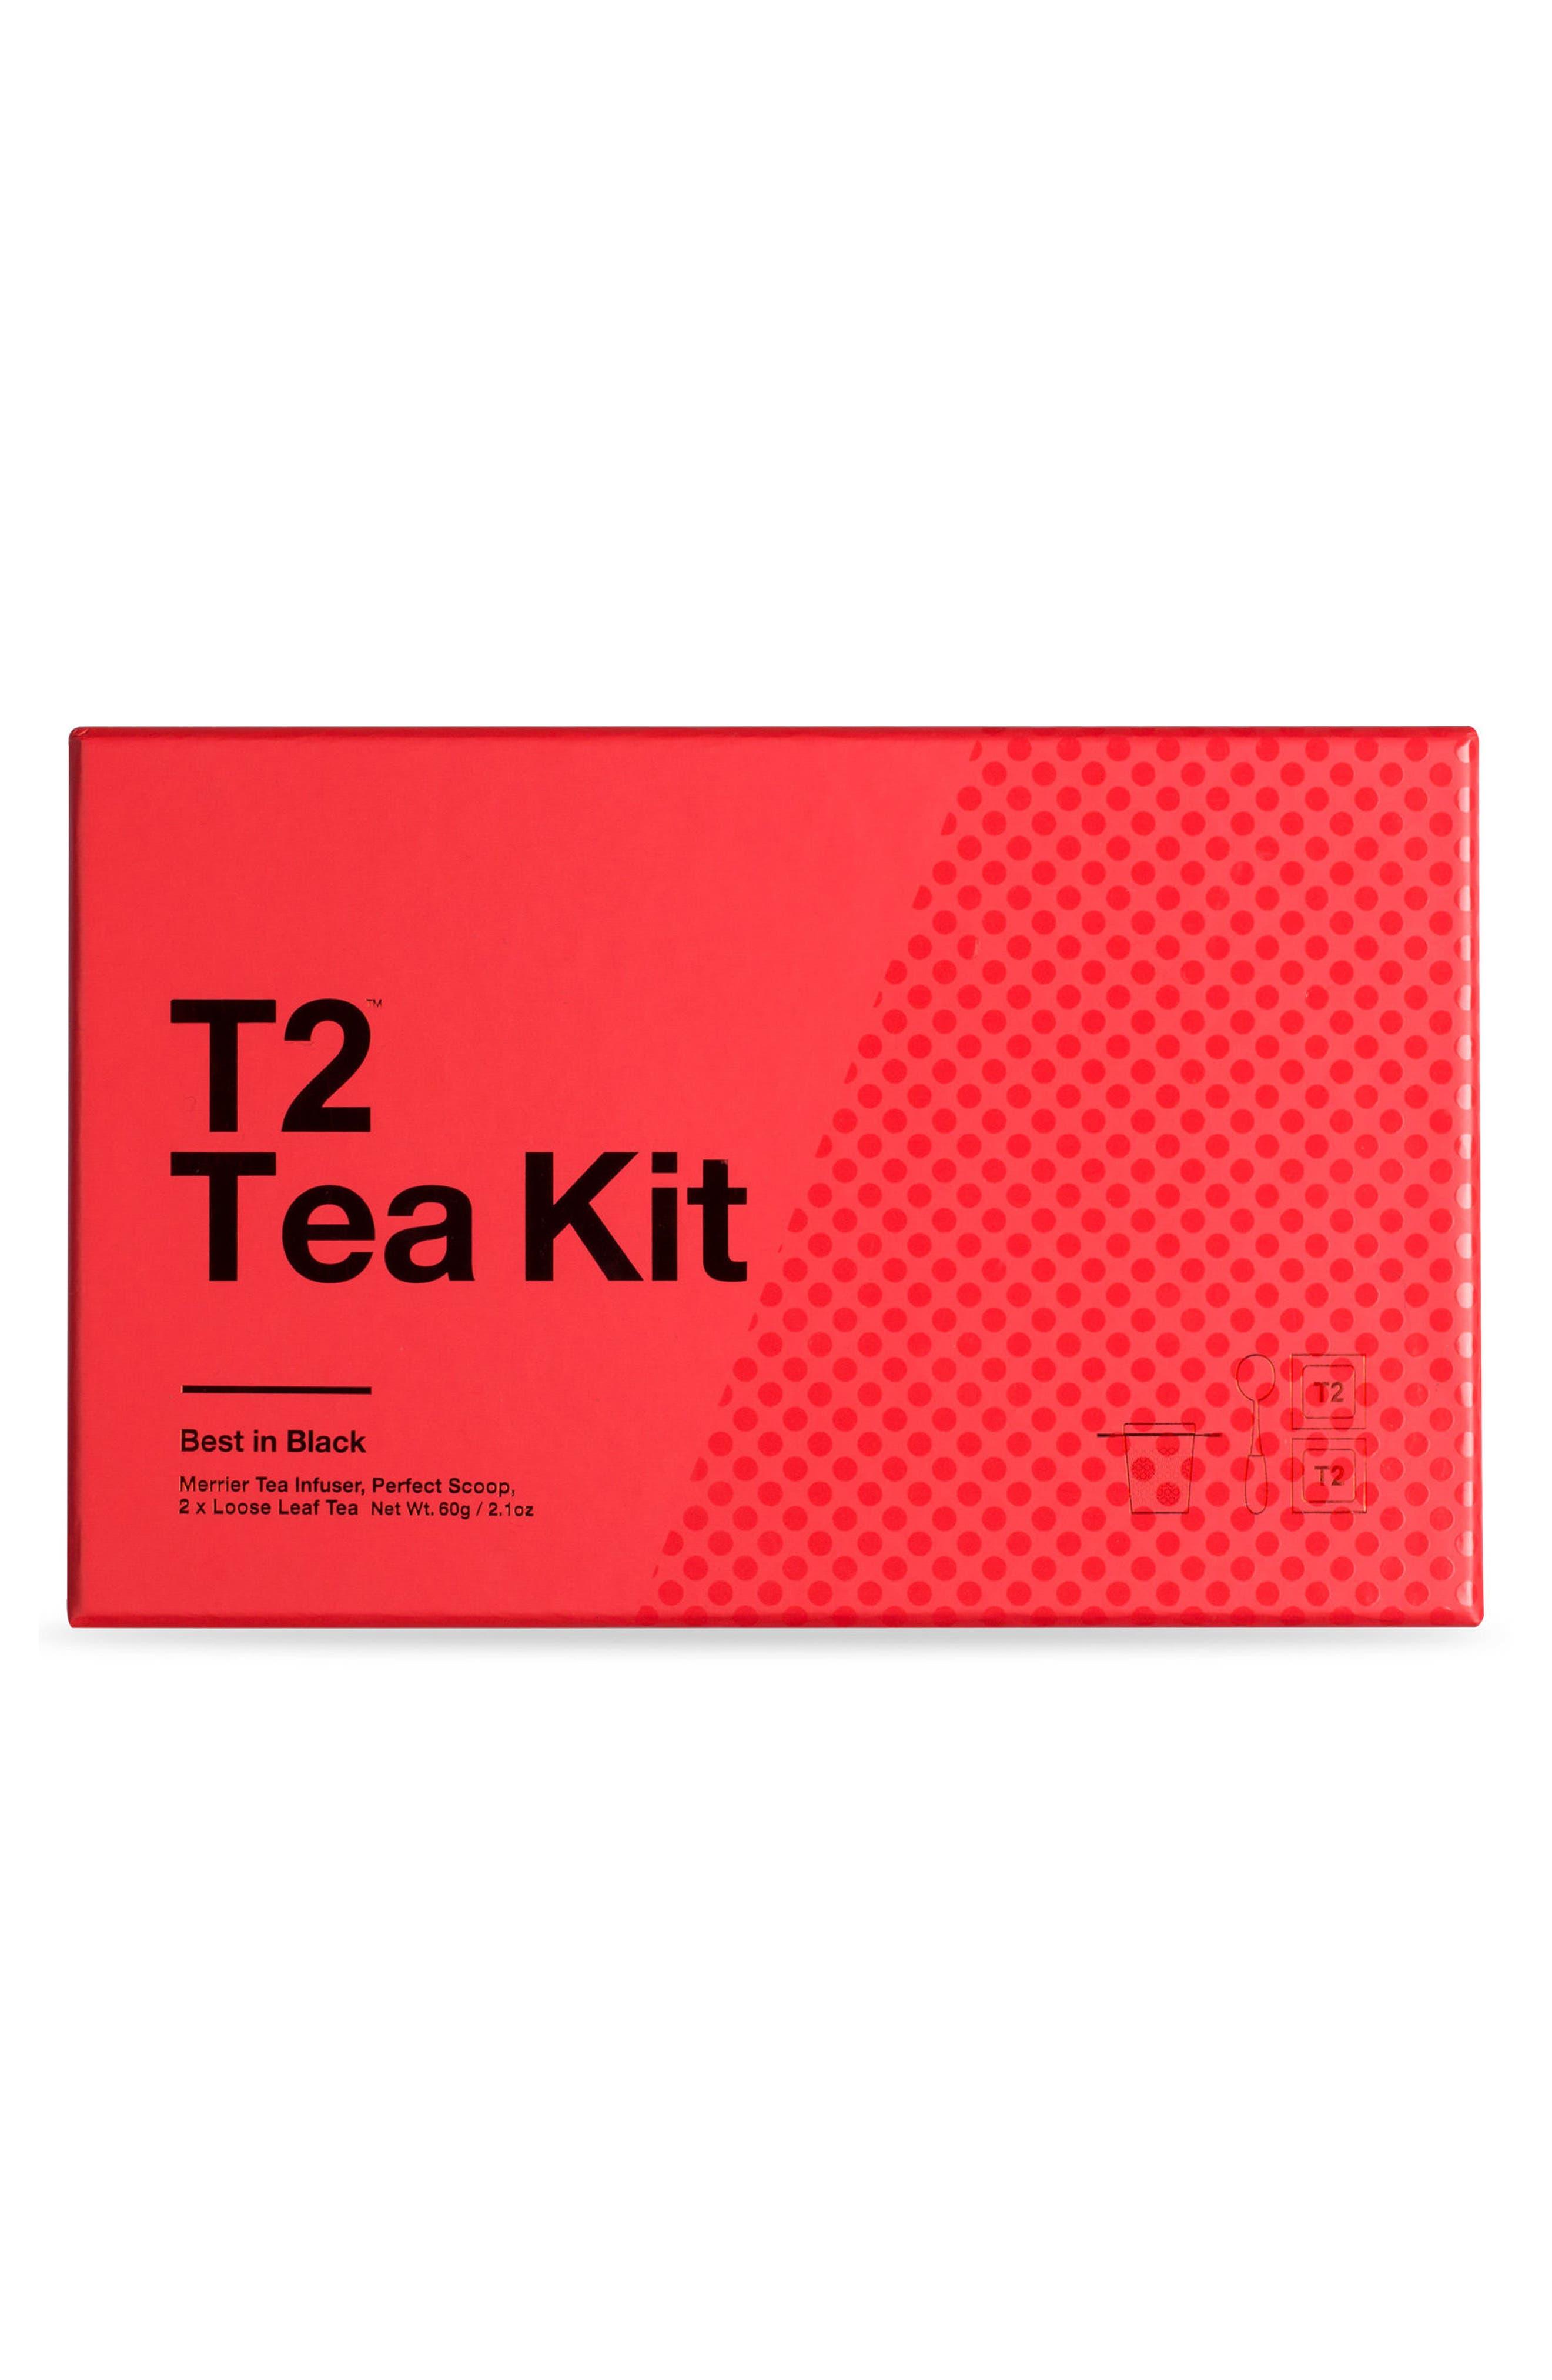 Best in Black Loose Leaf Tea Box Set,                         Main,                         color, 600